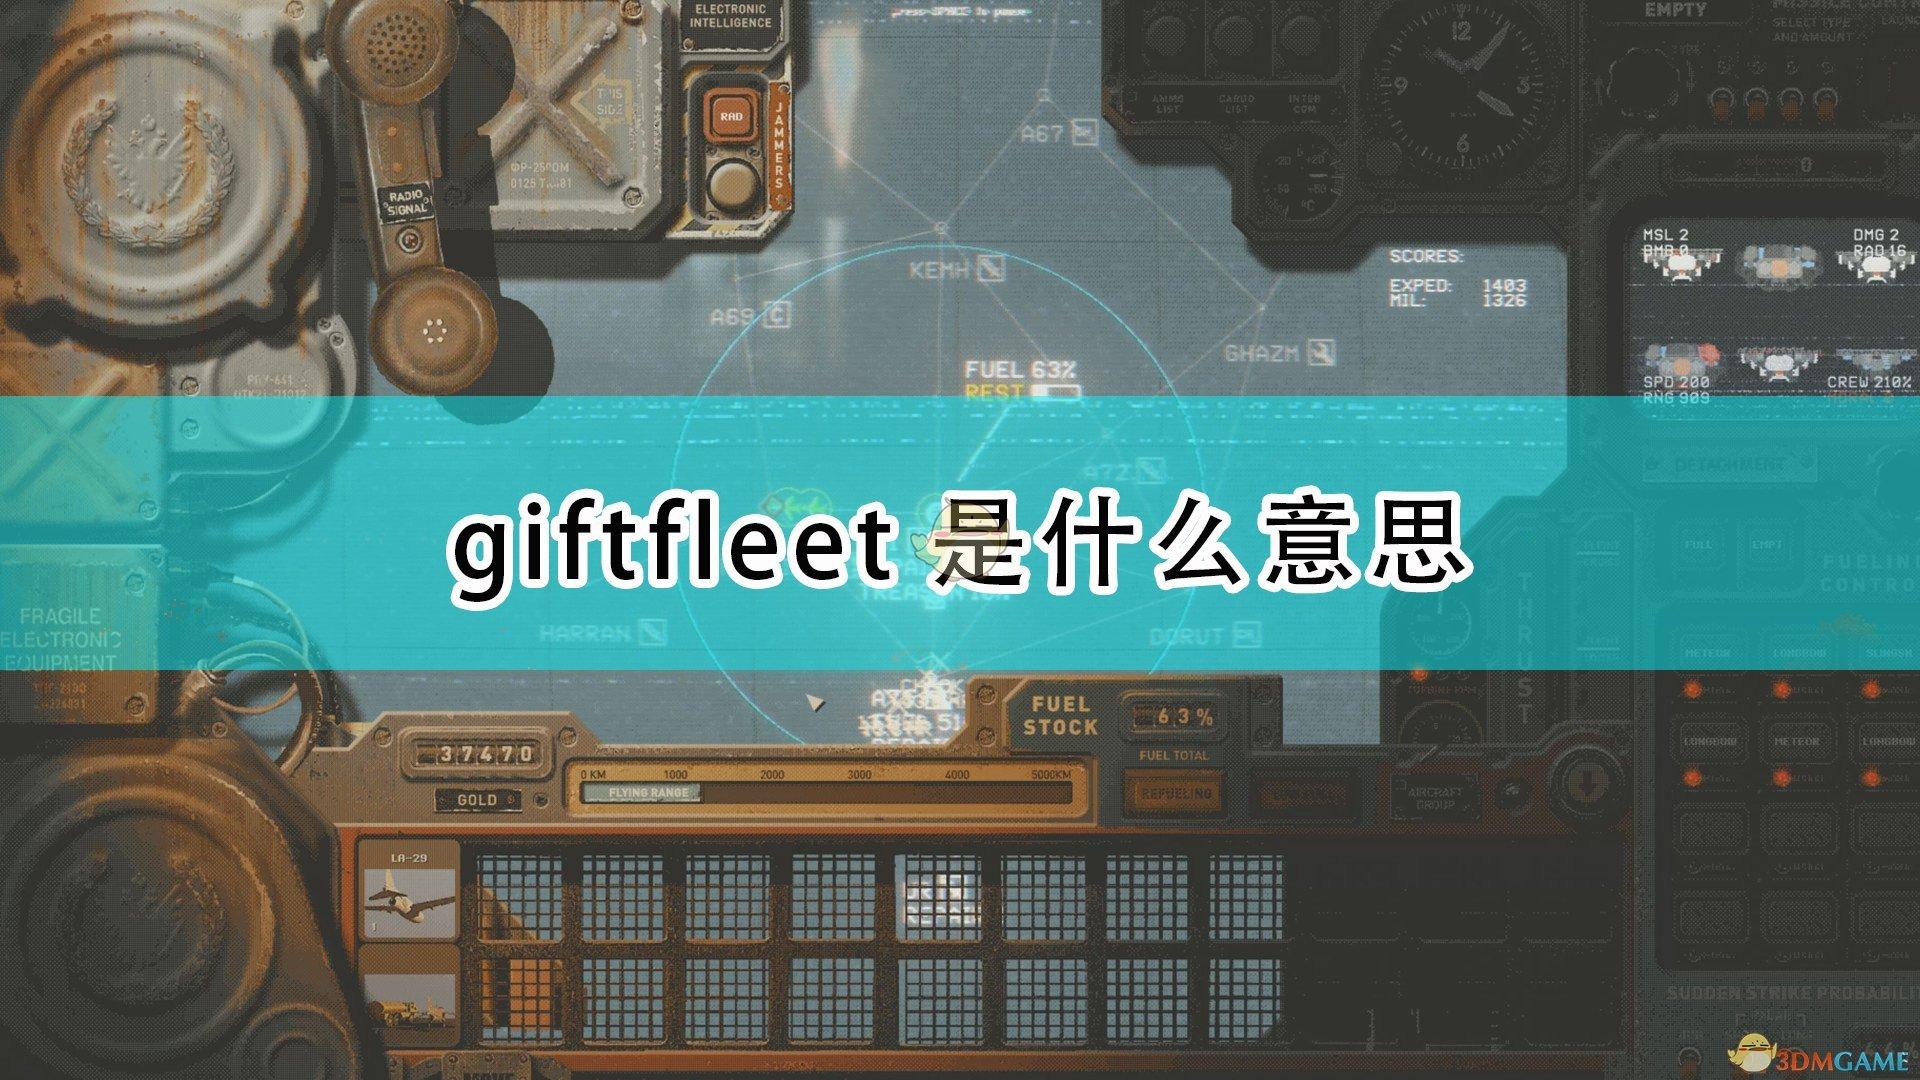 《高空艦隊》giftfleet意思介紹